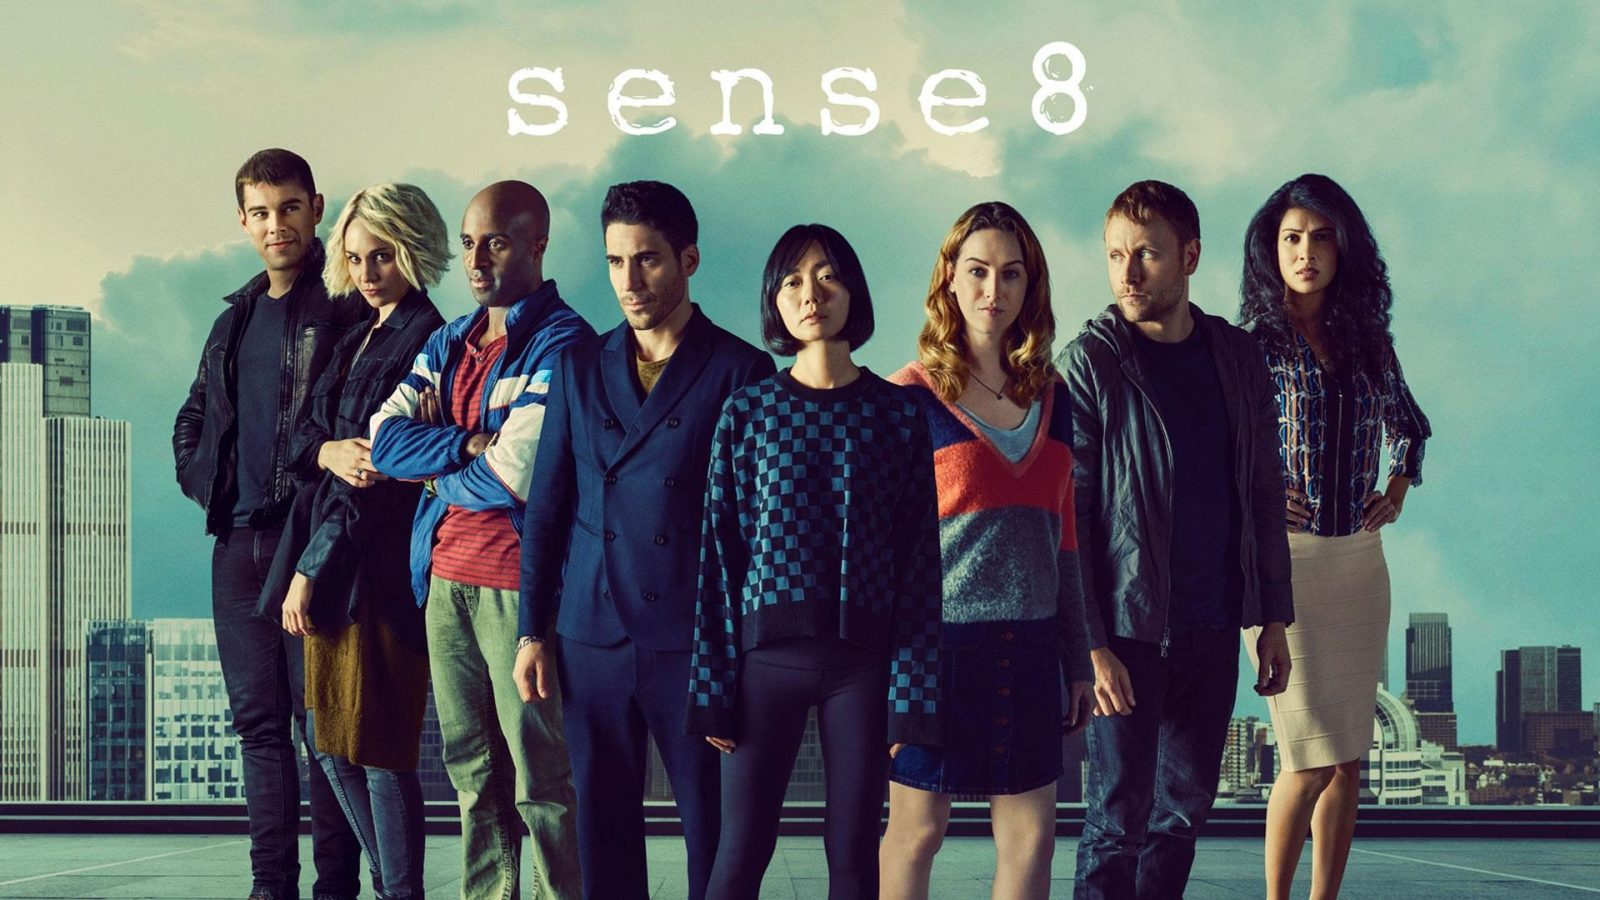 Phim Sense8 mang màu sắc bí ẩn, siêu nhiên